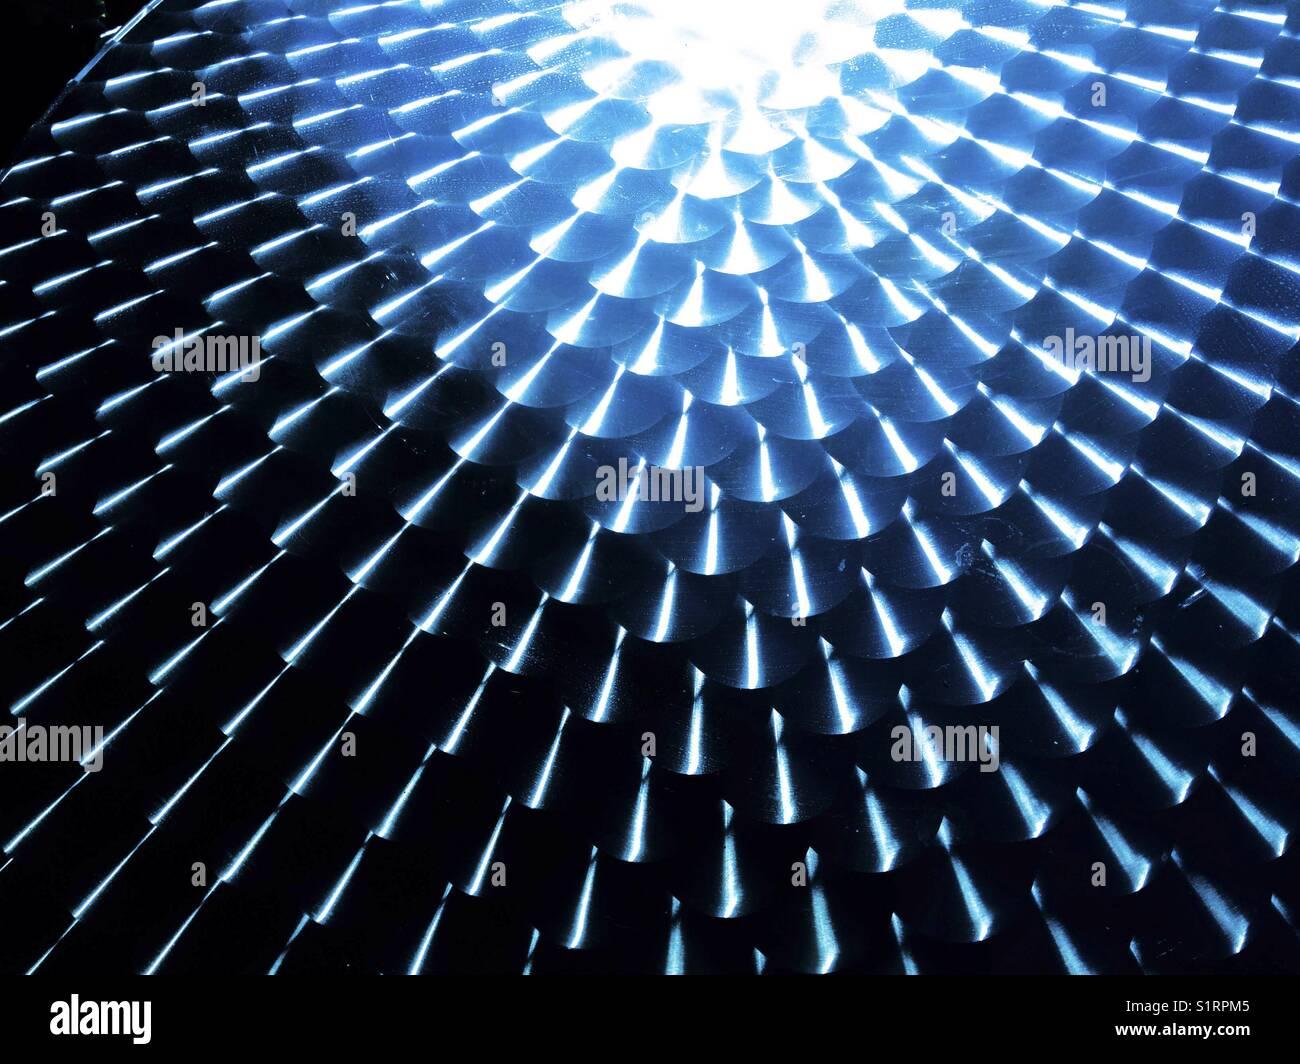 Metallic surface. - Stock Image